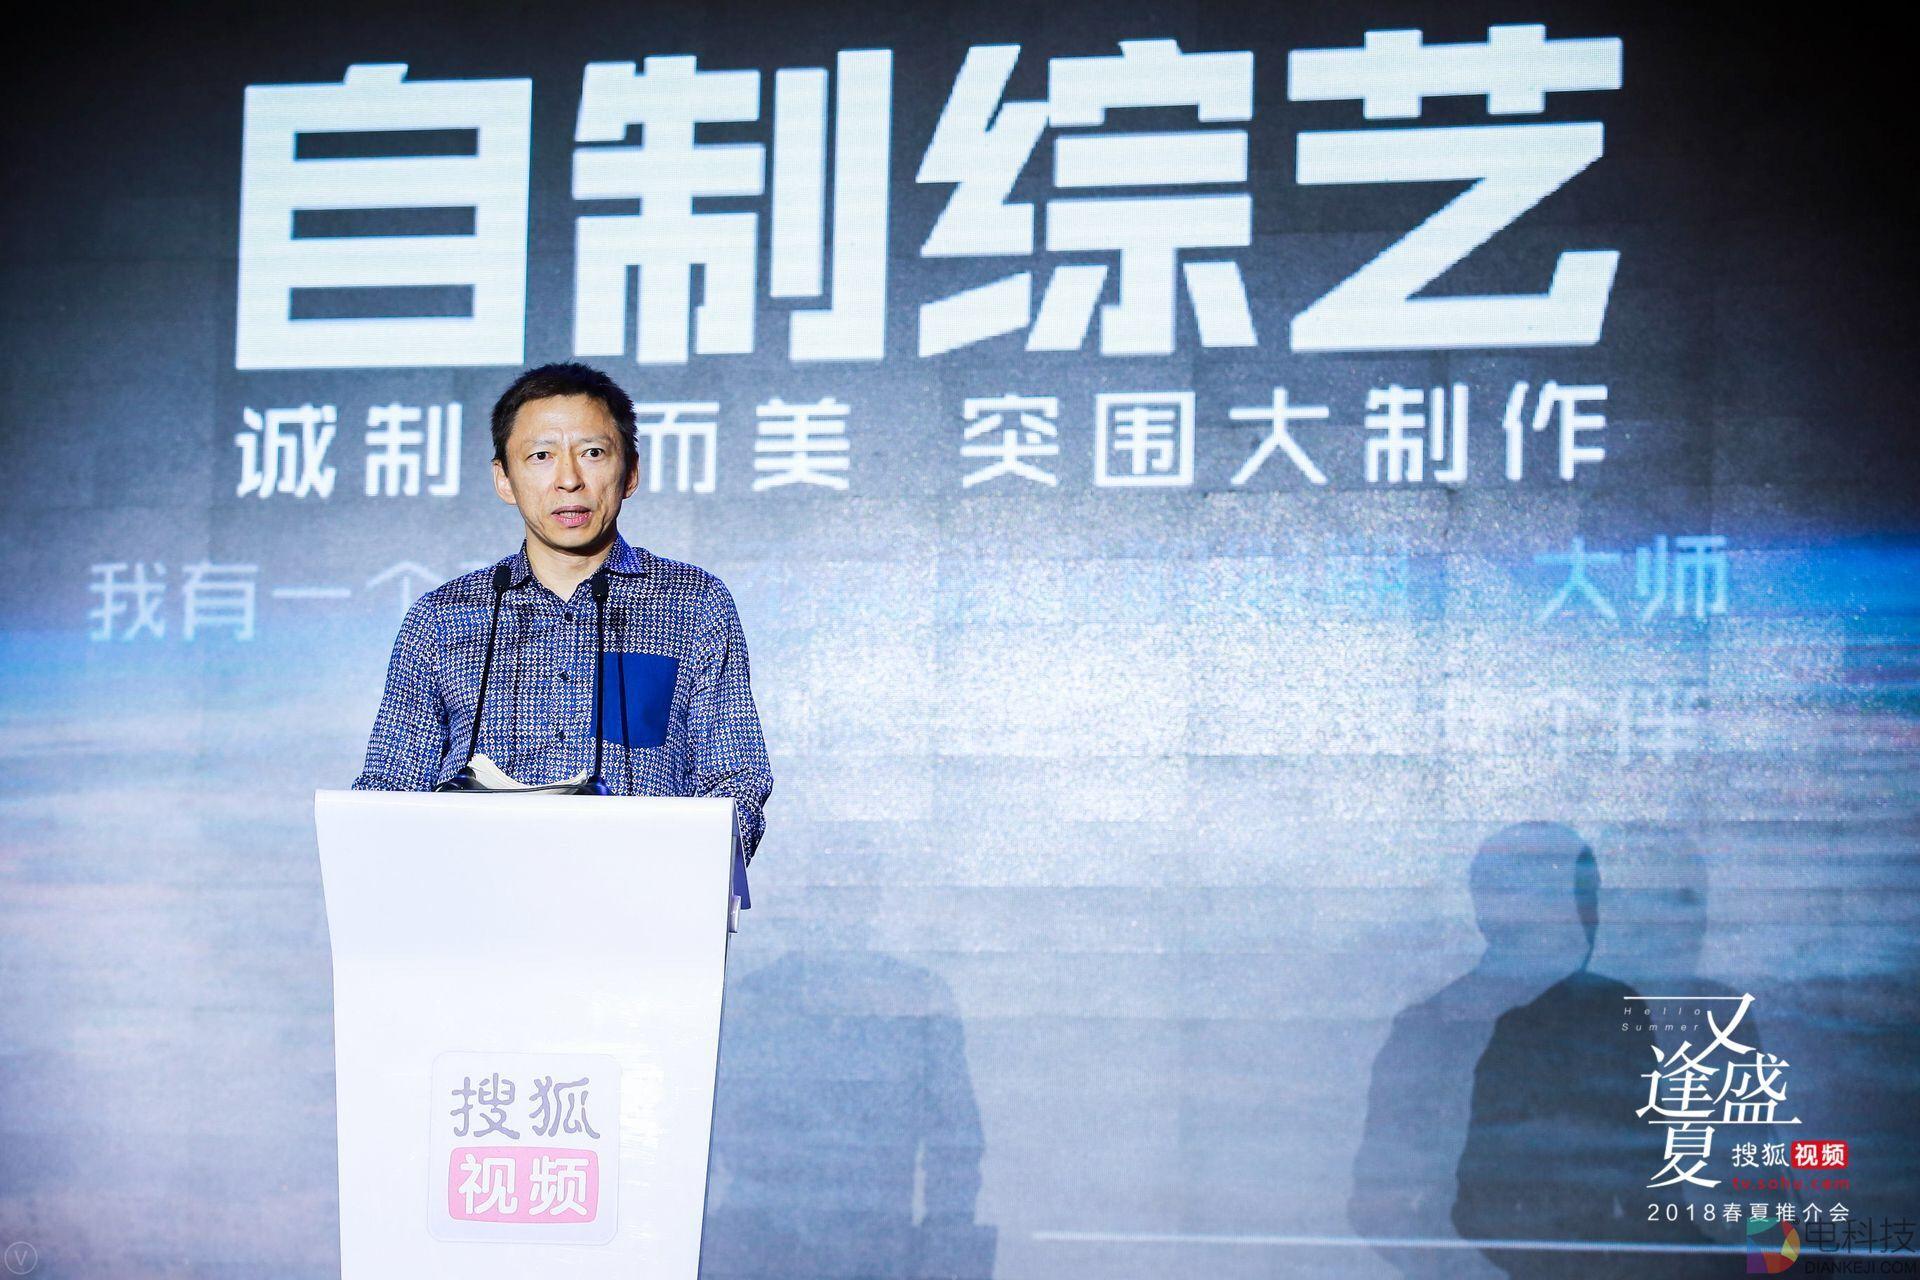 进化视频新价值 搜狐视频宣布2018新策略